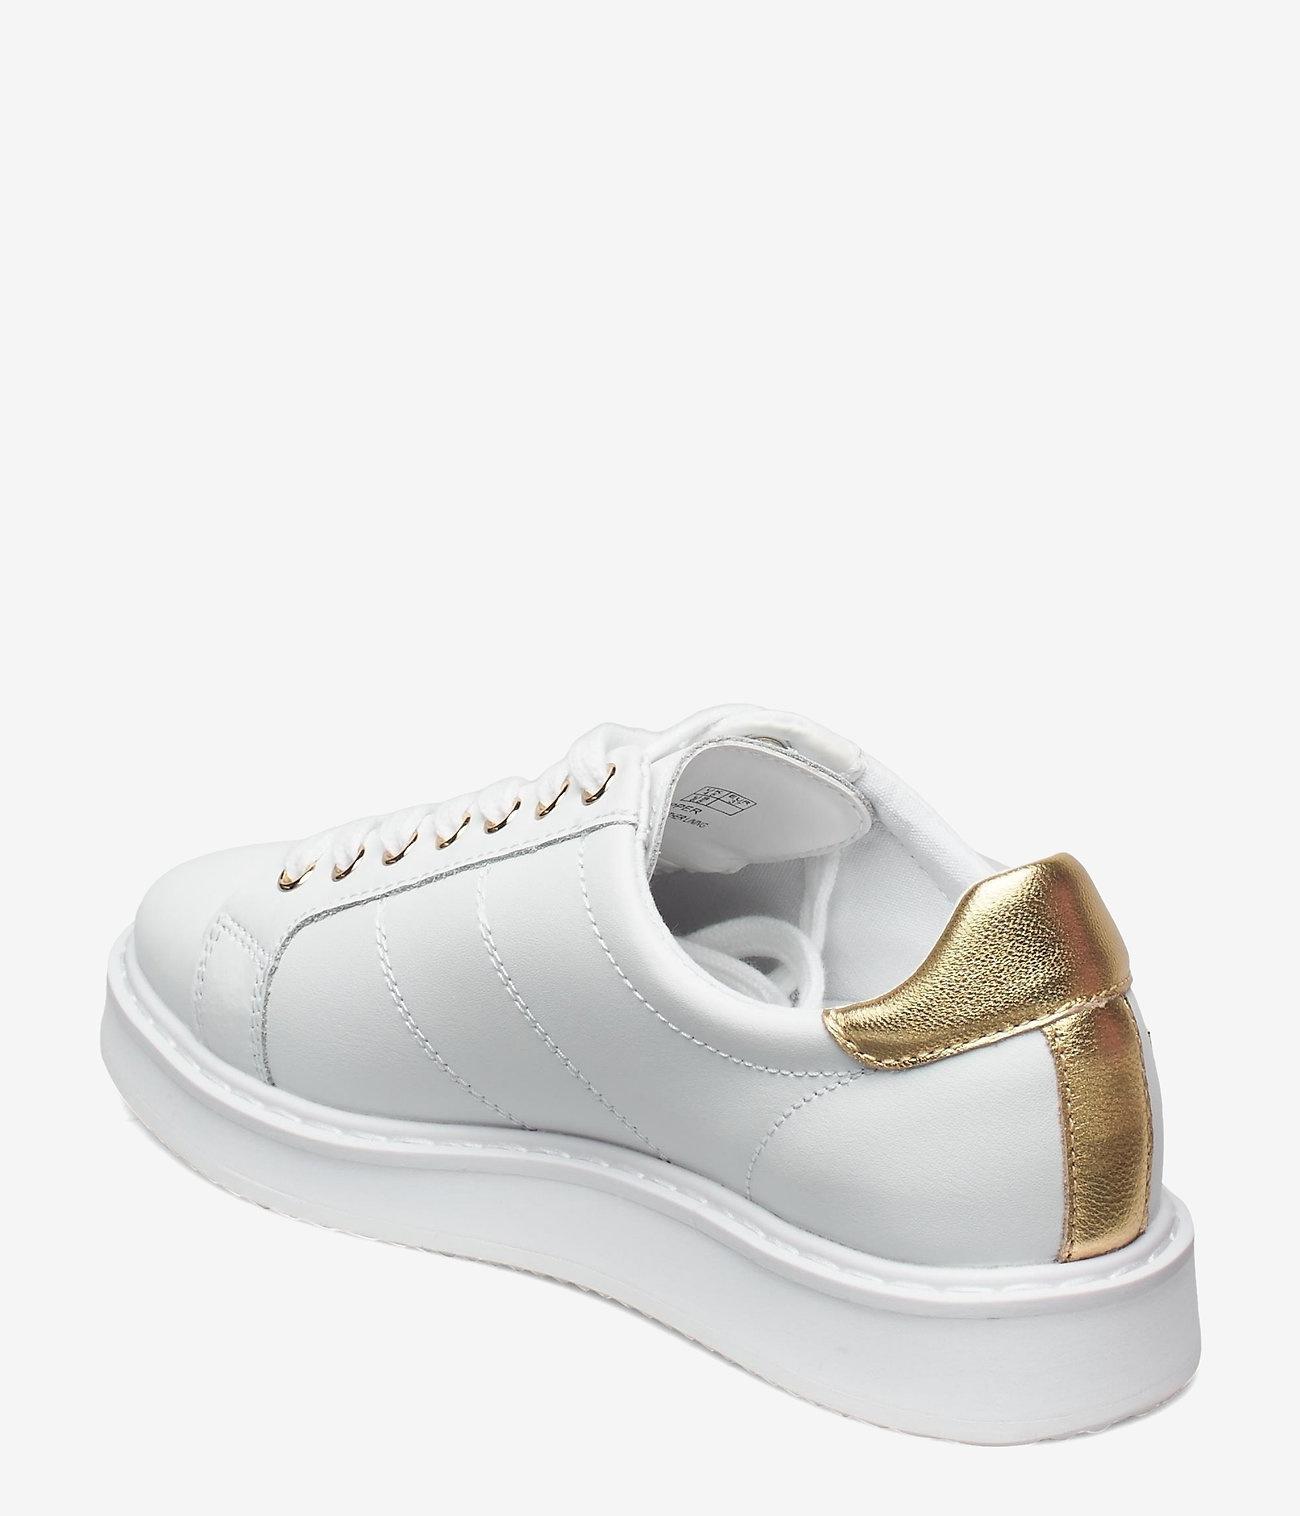 Lauren Ralph Lauren Metallic Sneakers, wit/goud